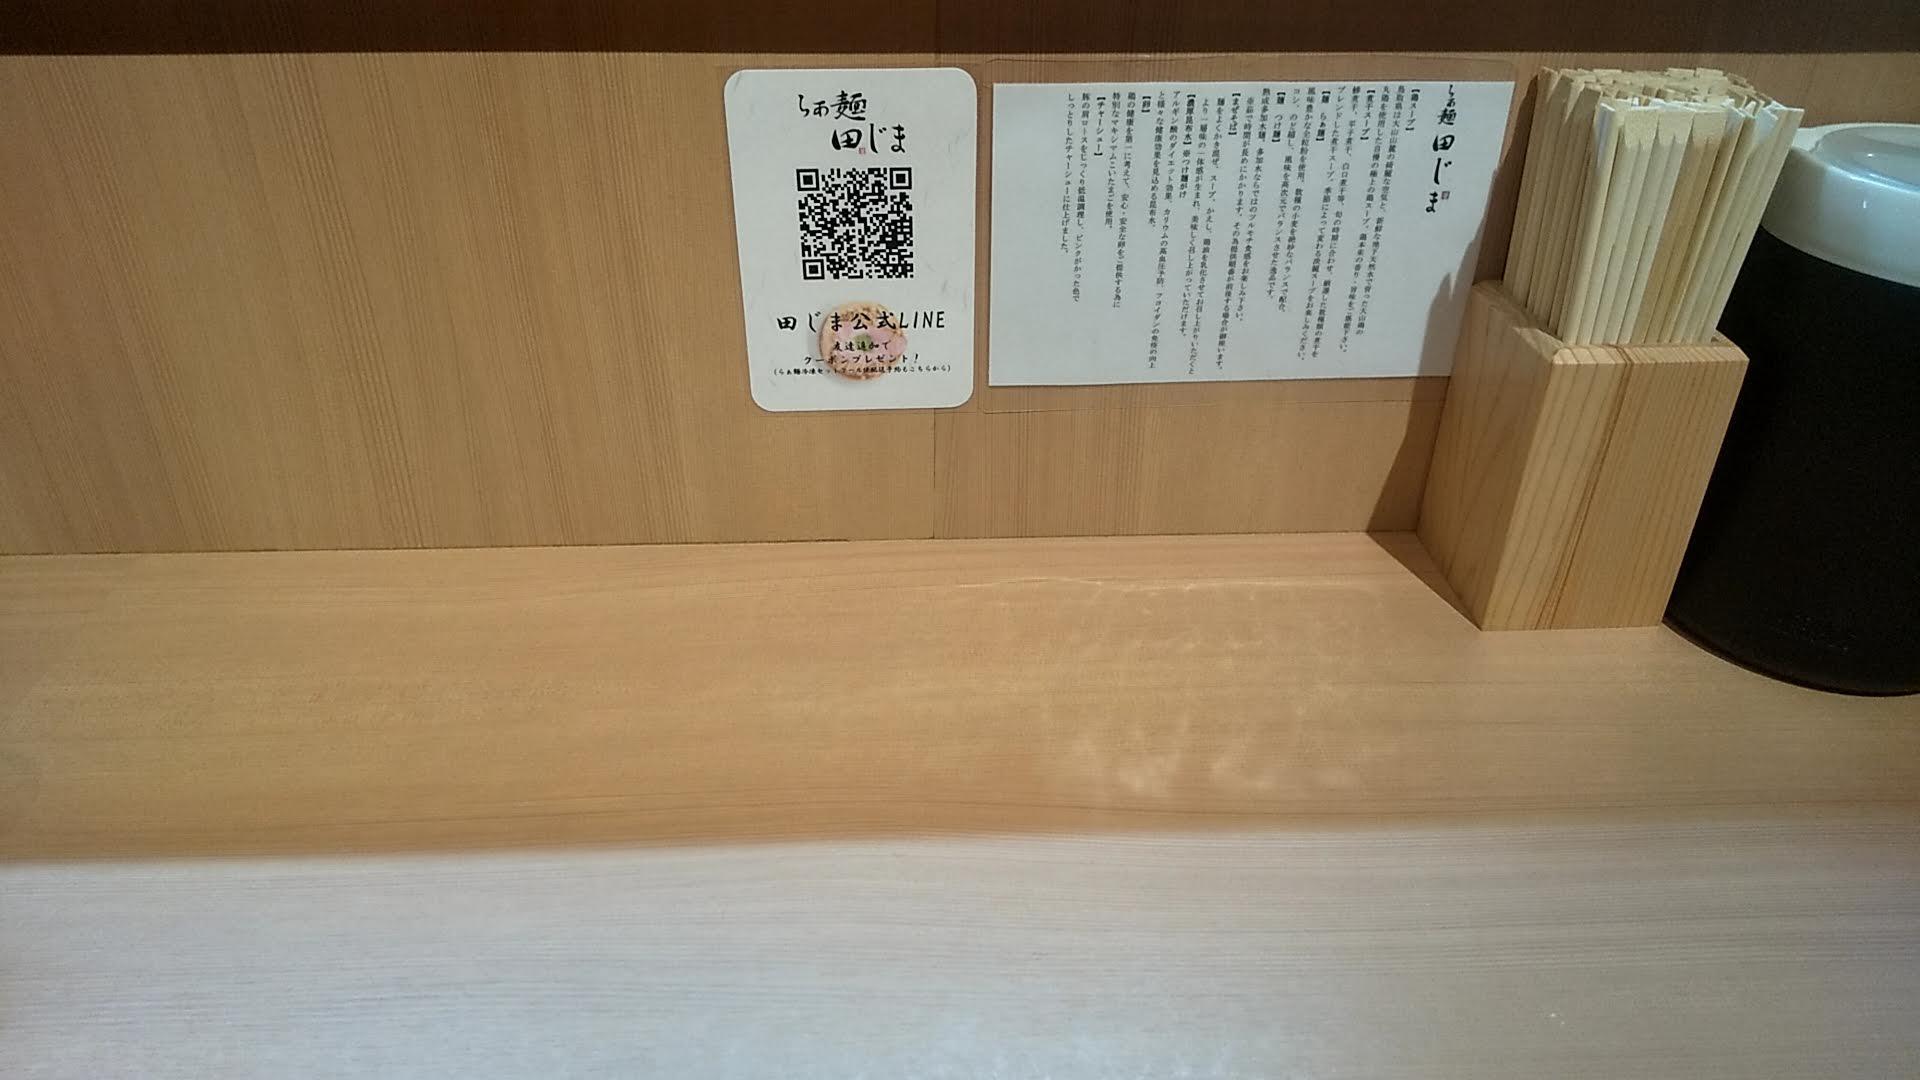 らぁ麺田じまの卓上の写真